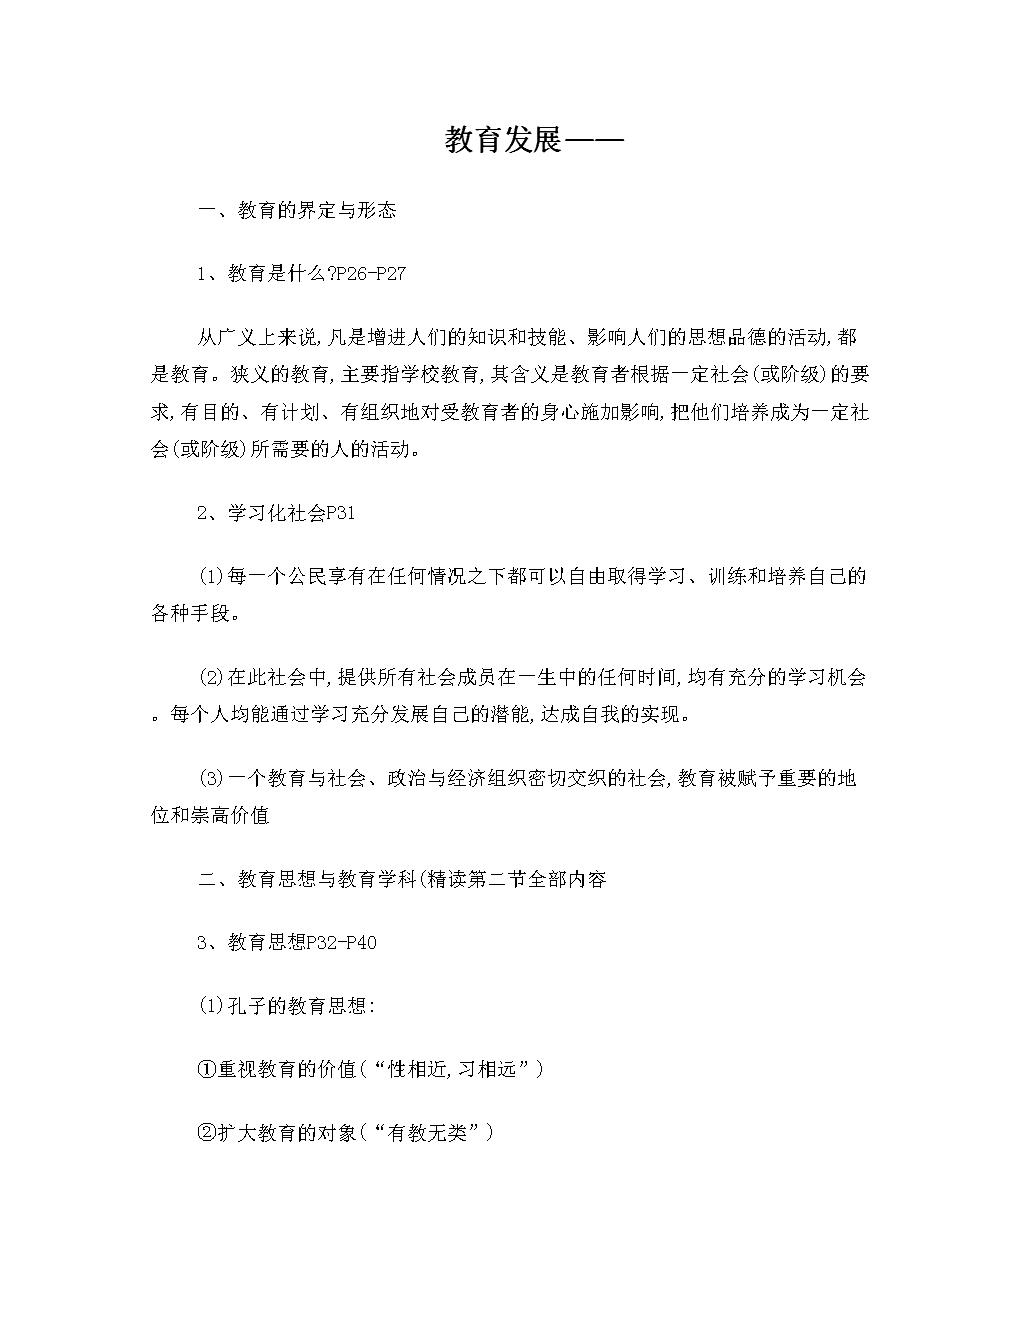 中学教育基础知识点1.doc